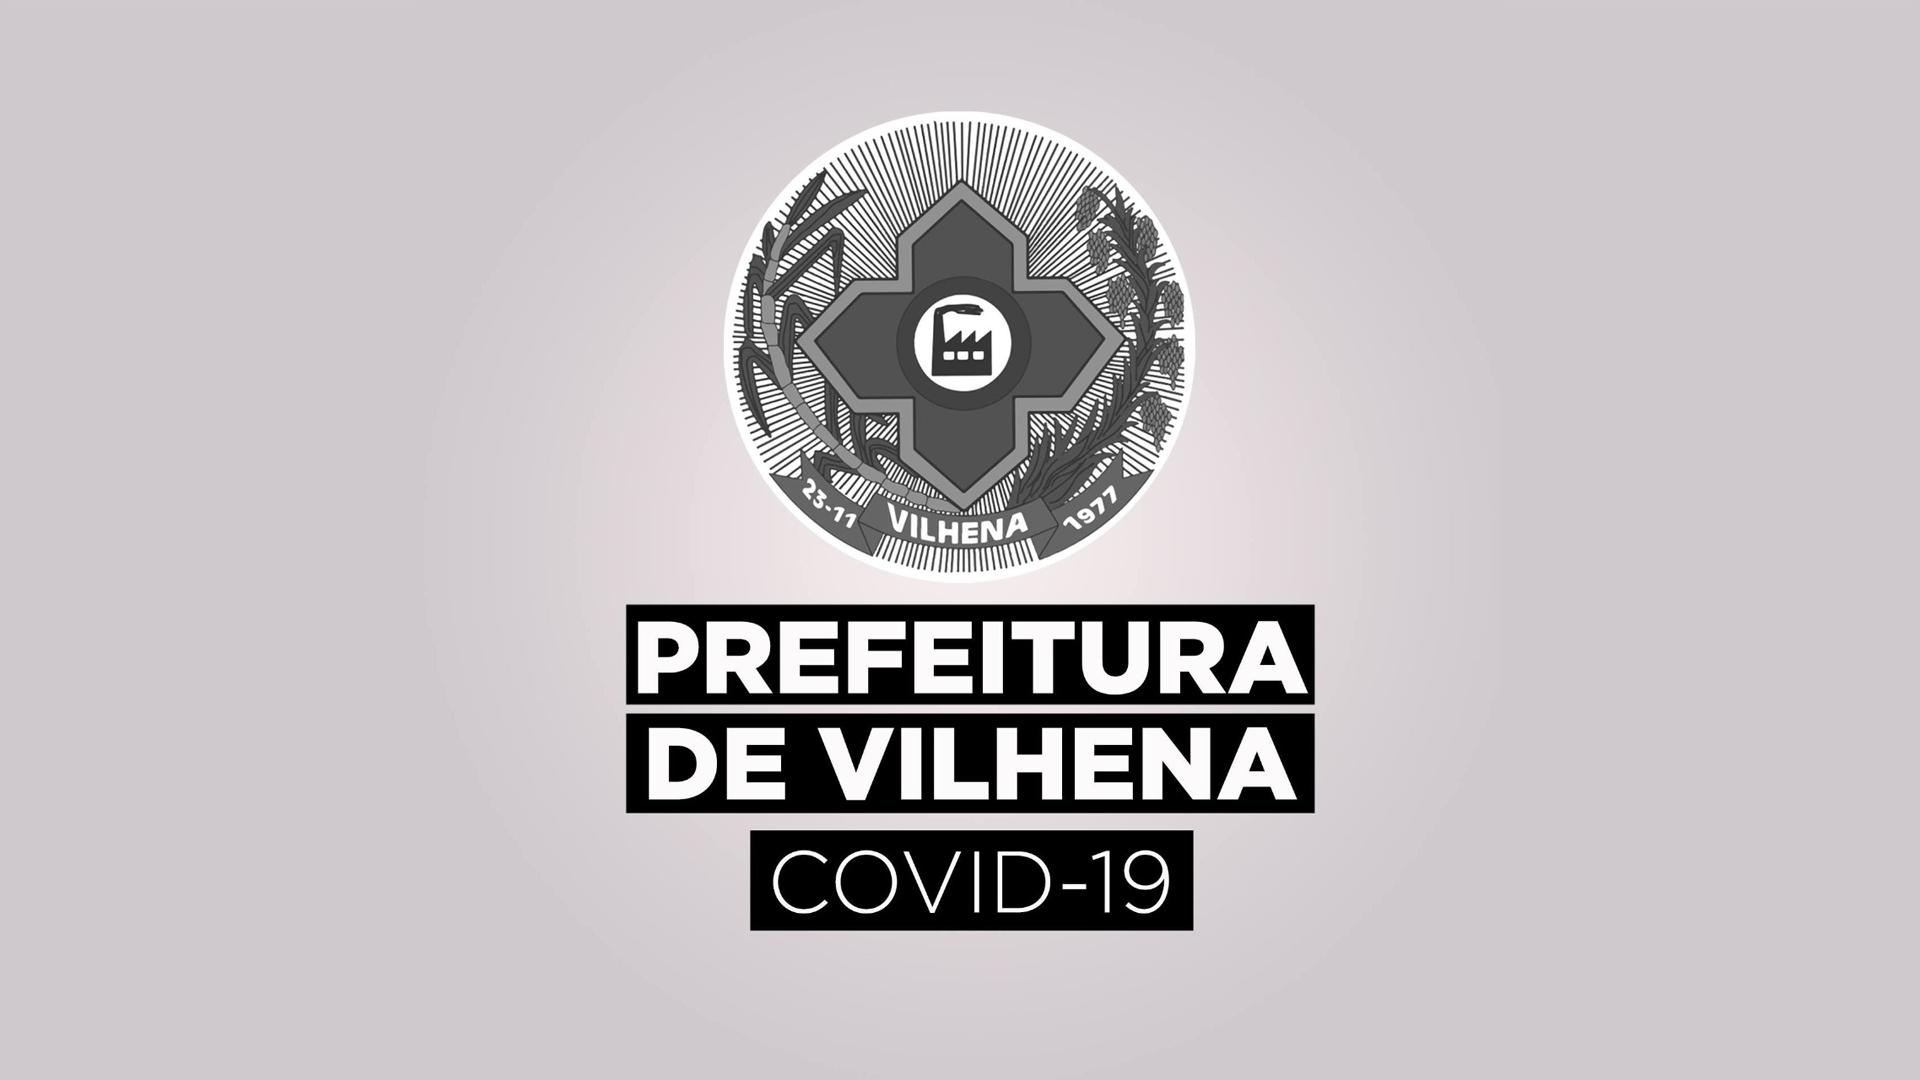 BOLETIM PMV Nº 299 - 08/01/21 - CORONAVÍRUS (COVID-19)